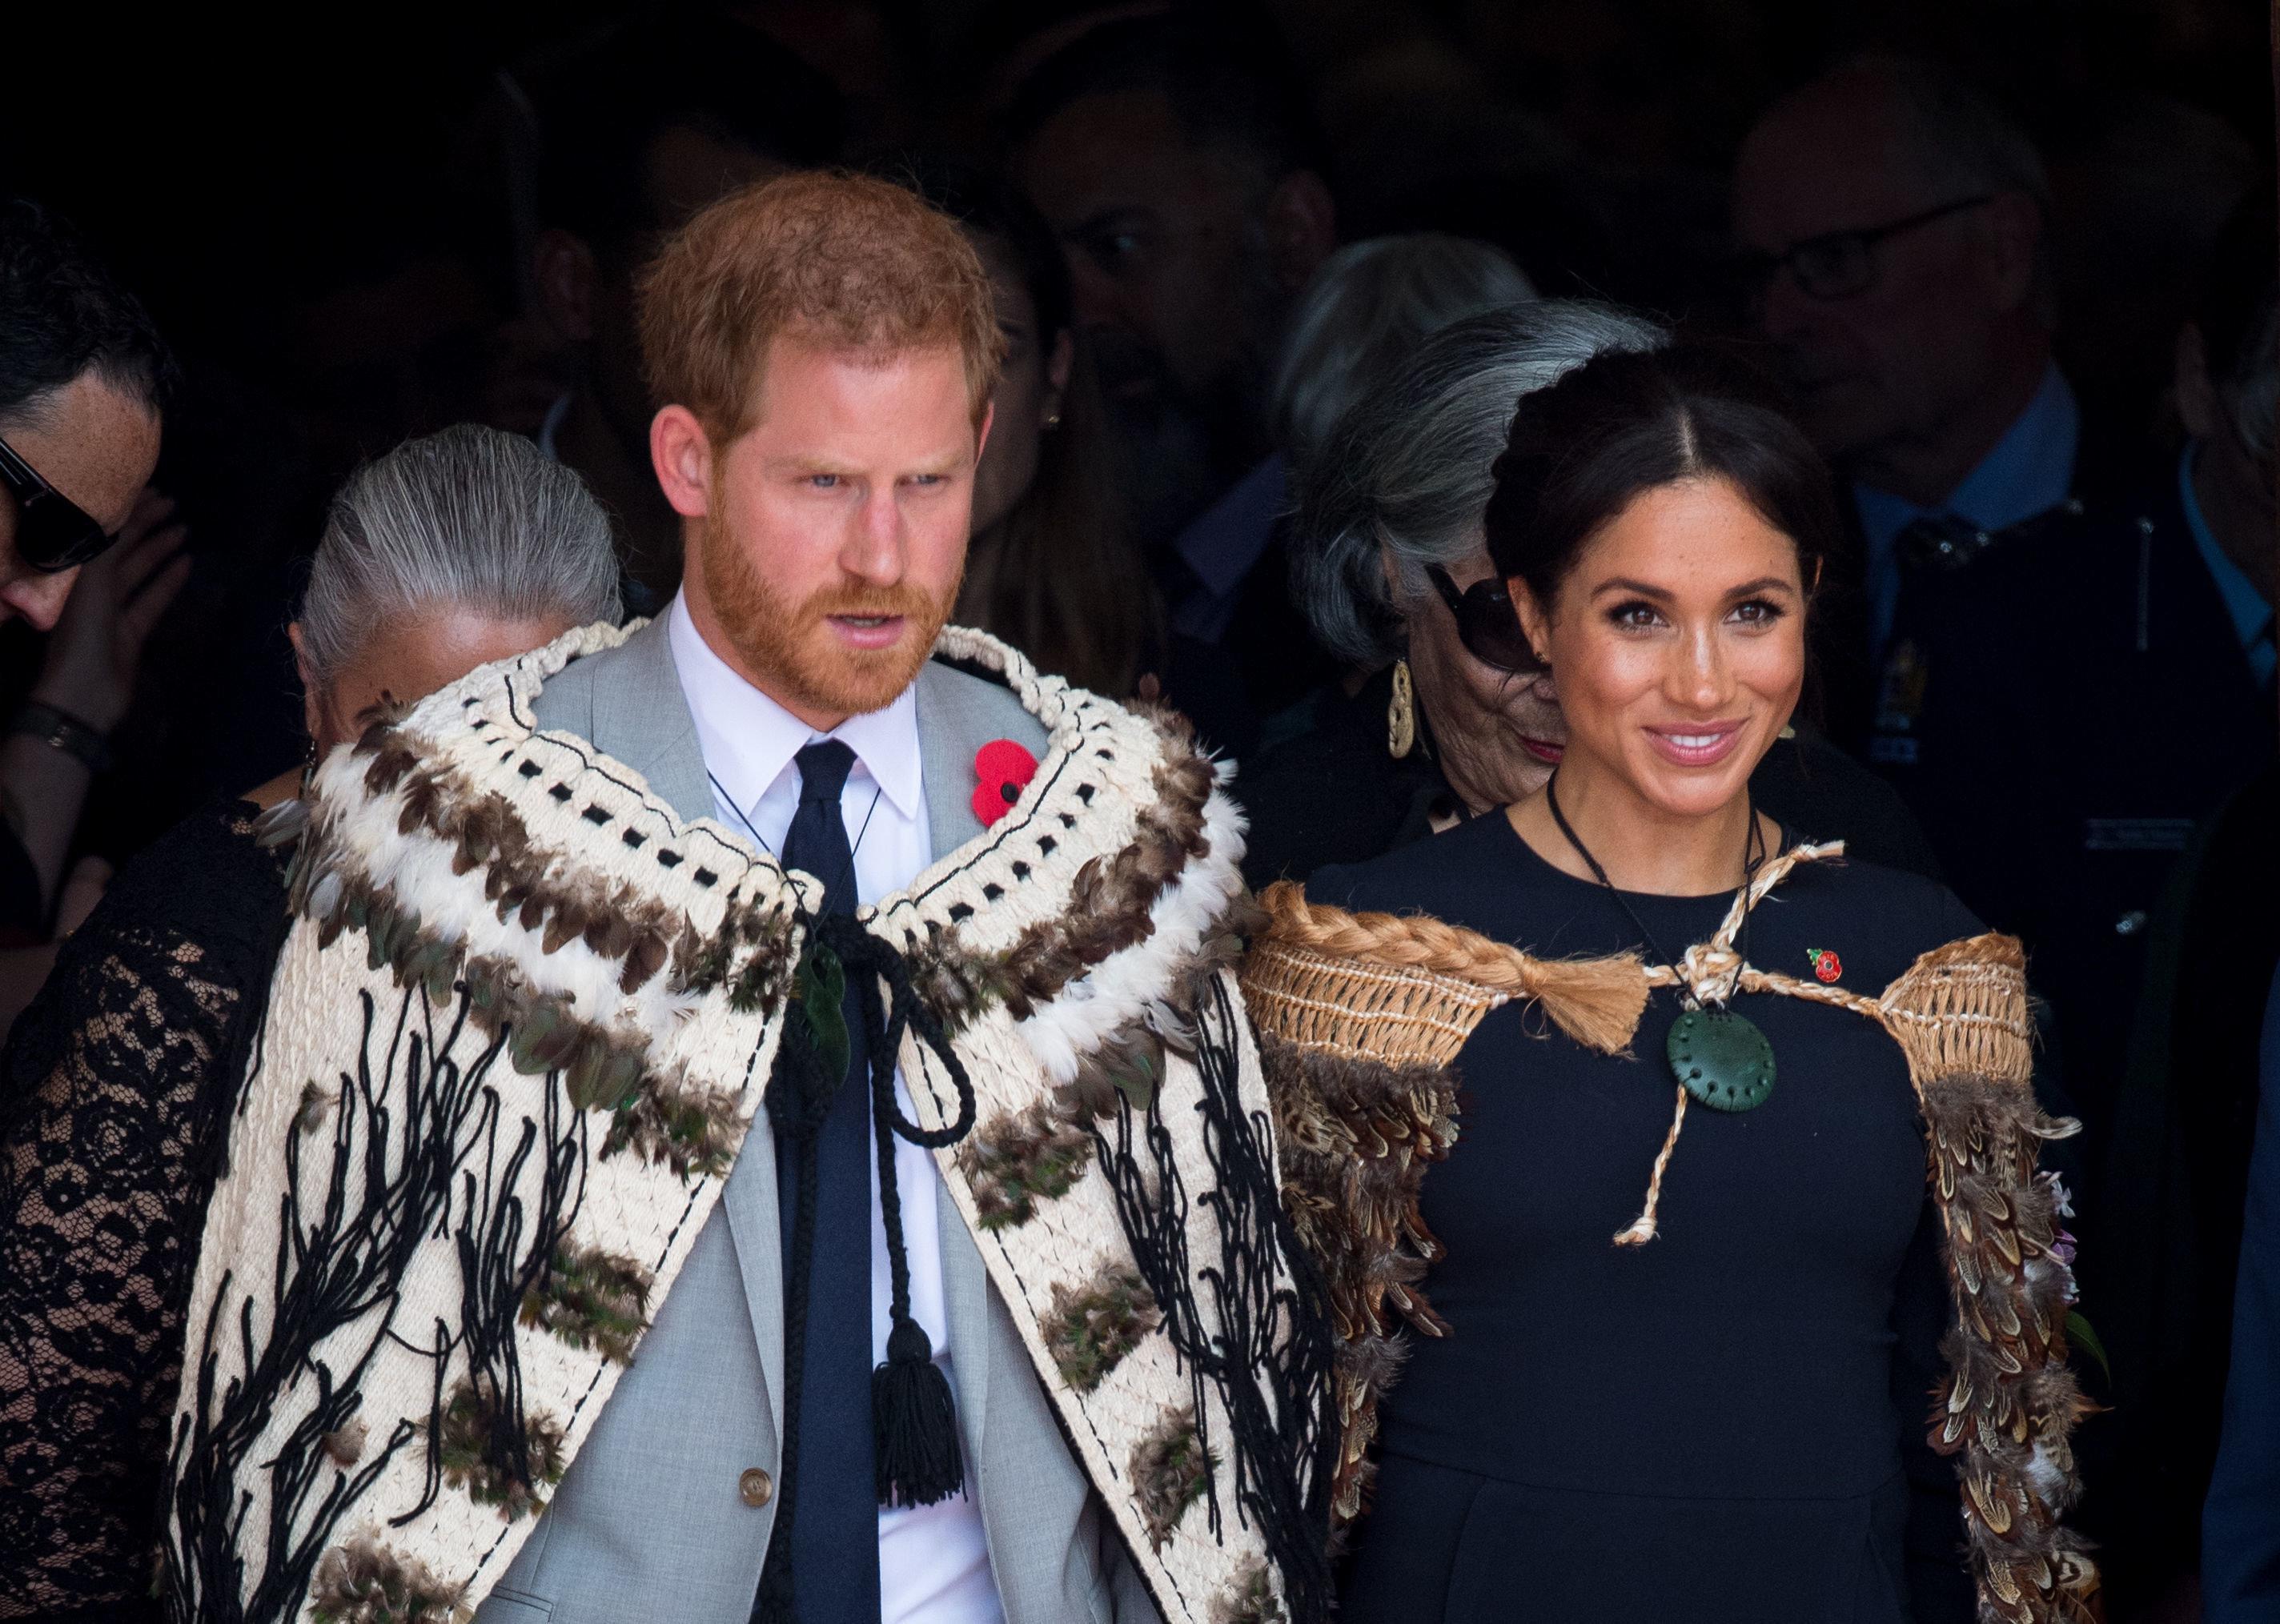 Experte: Das sagt Herzogin Meghans Körpersprache über ihre Liebe zu Prinz